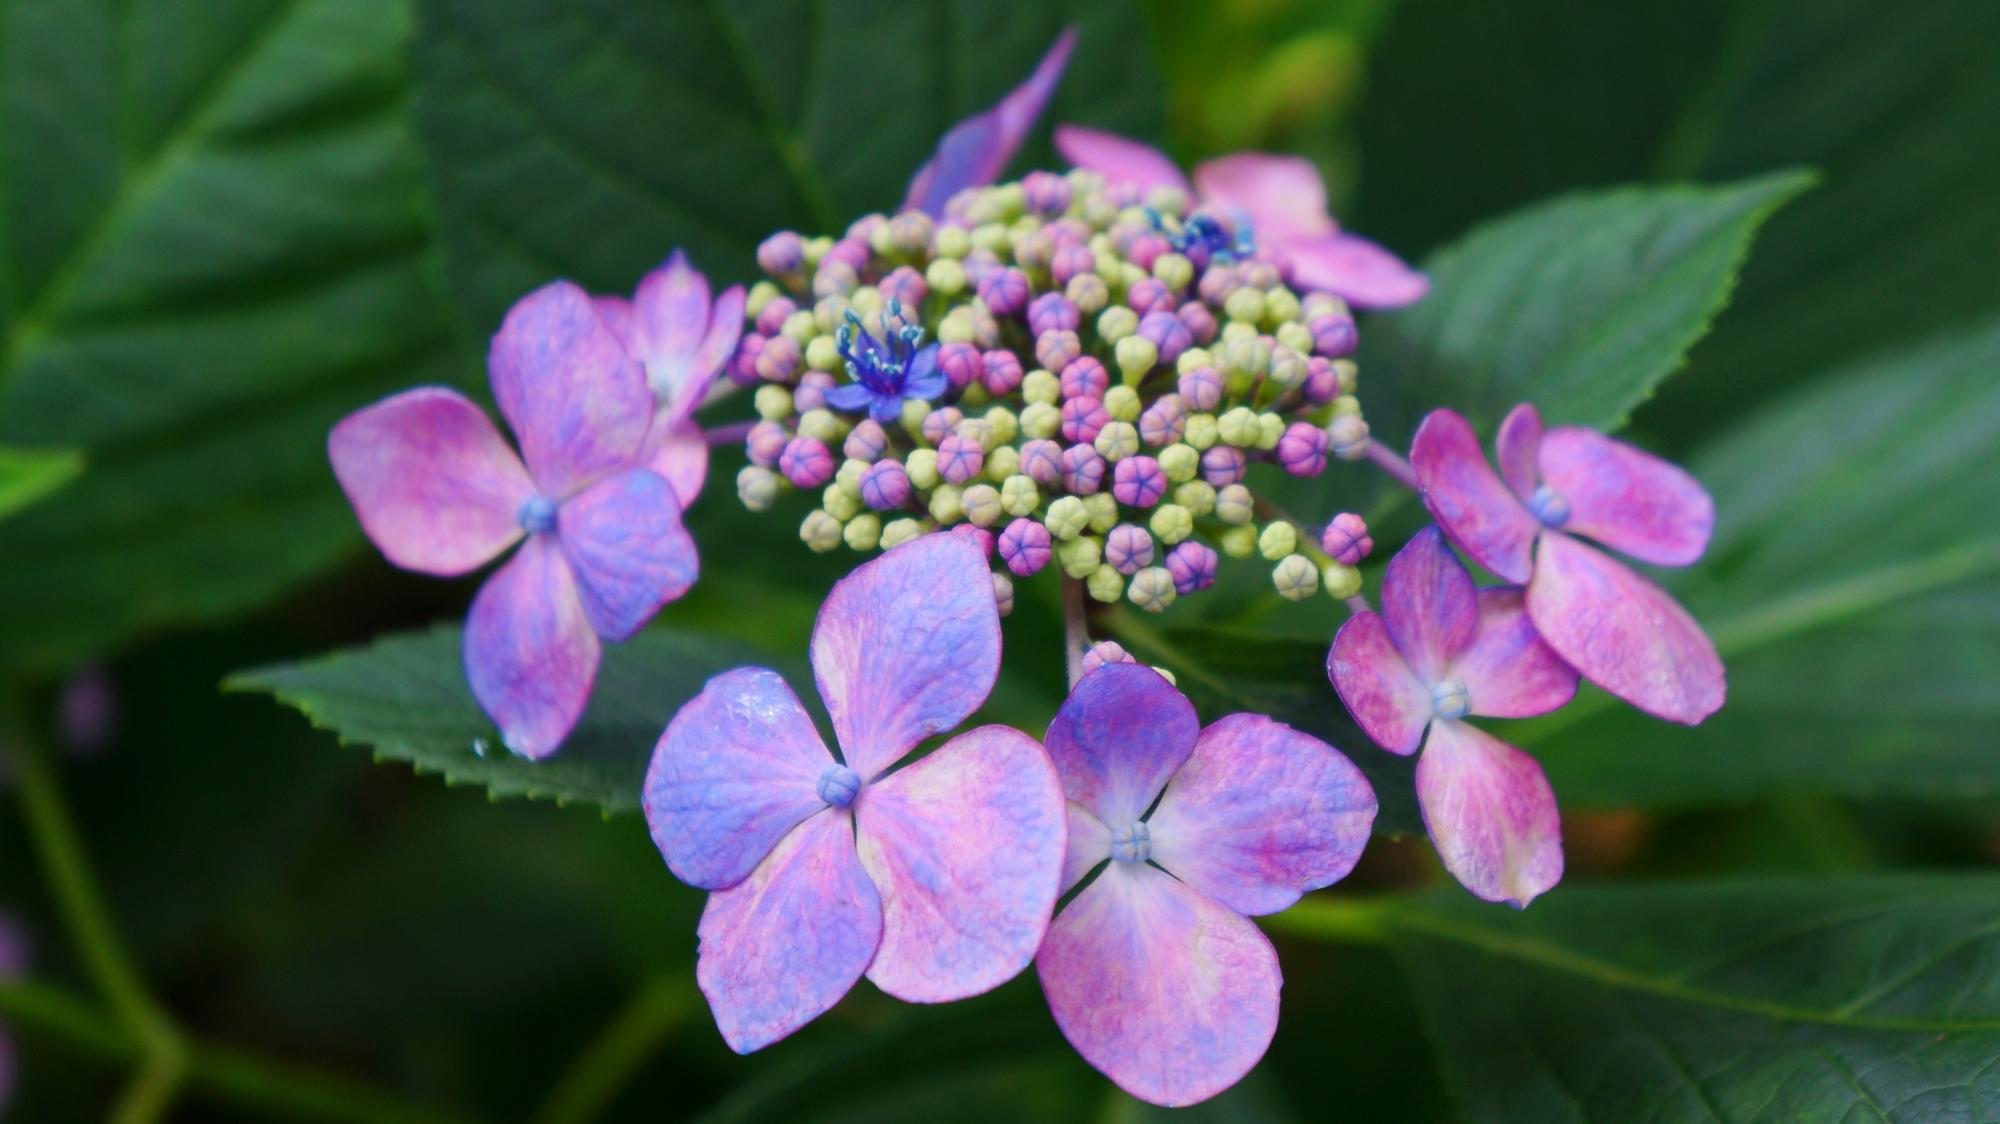 薄くほのかな色合いの花びらをした額紫陽花